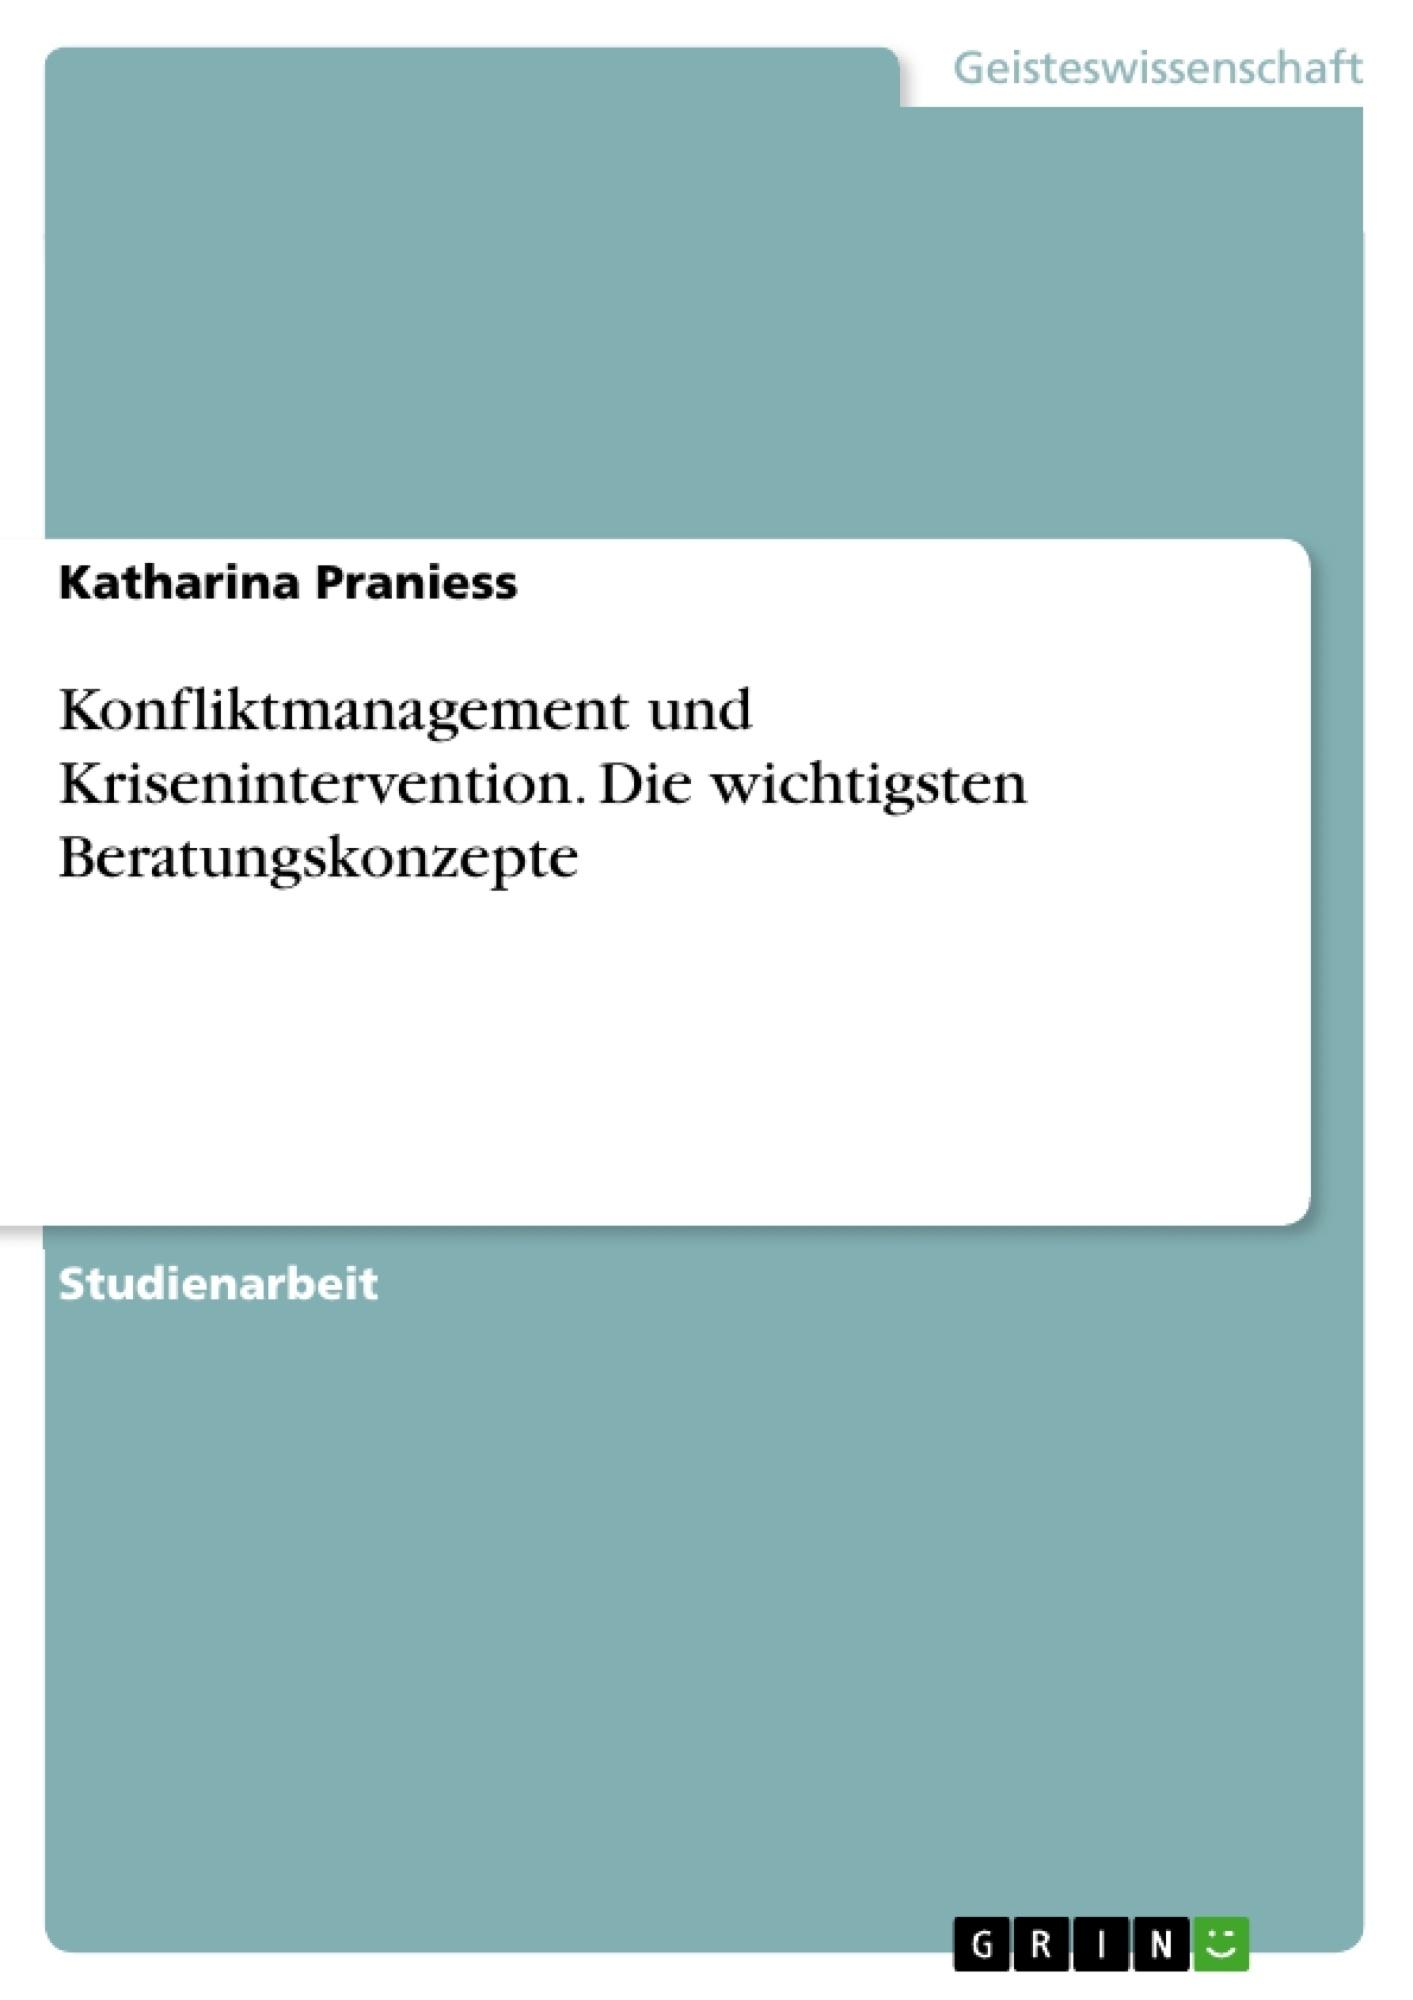 Titel: Konfliktmanagement und Krisenintervention. Die wichtigsten Beratungskonzepte